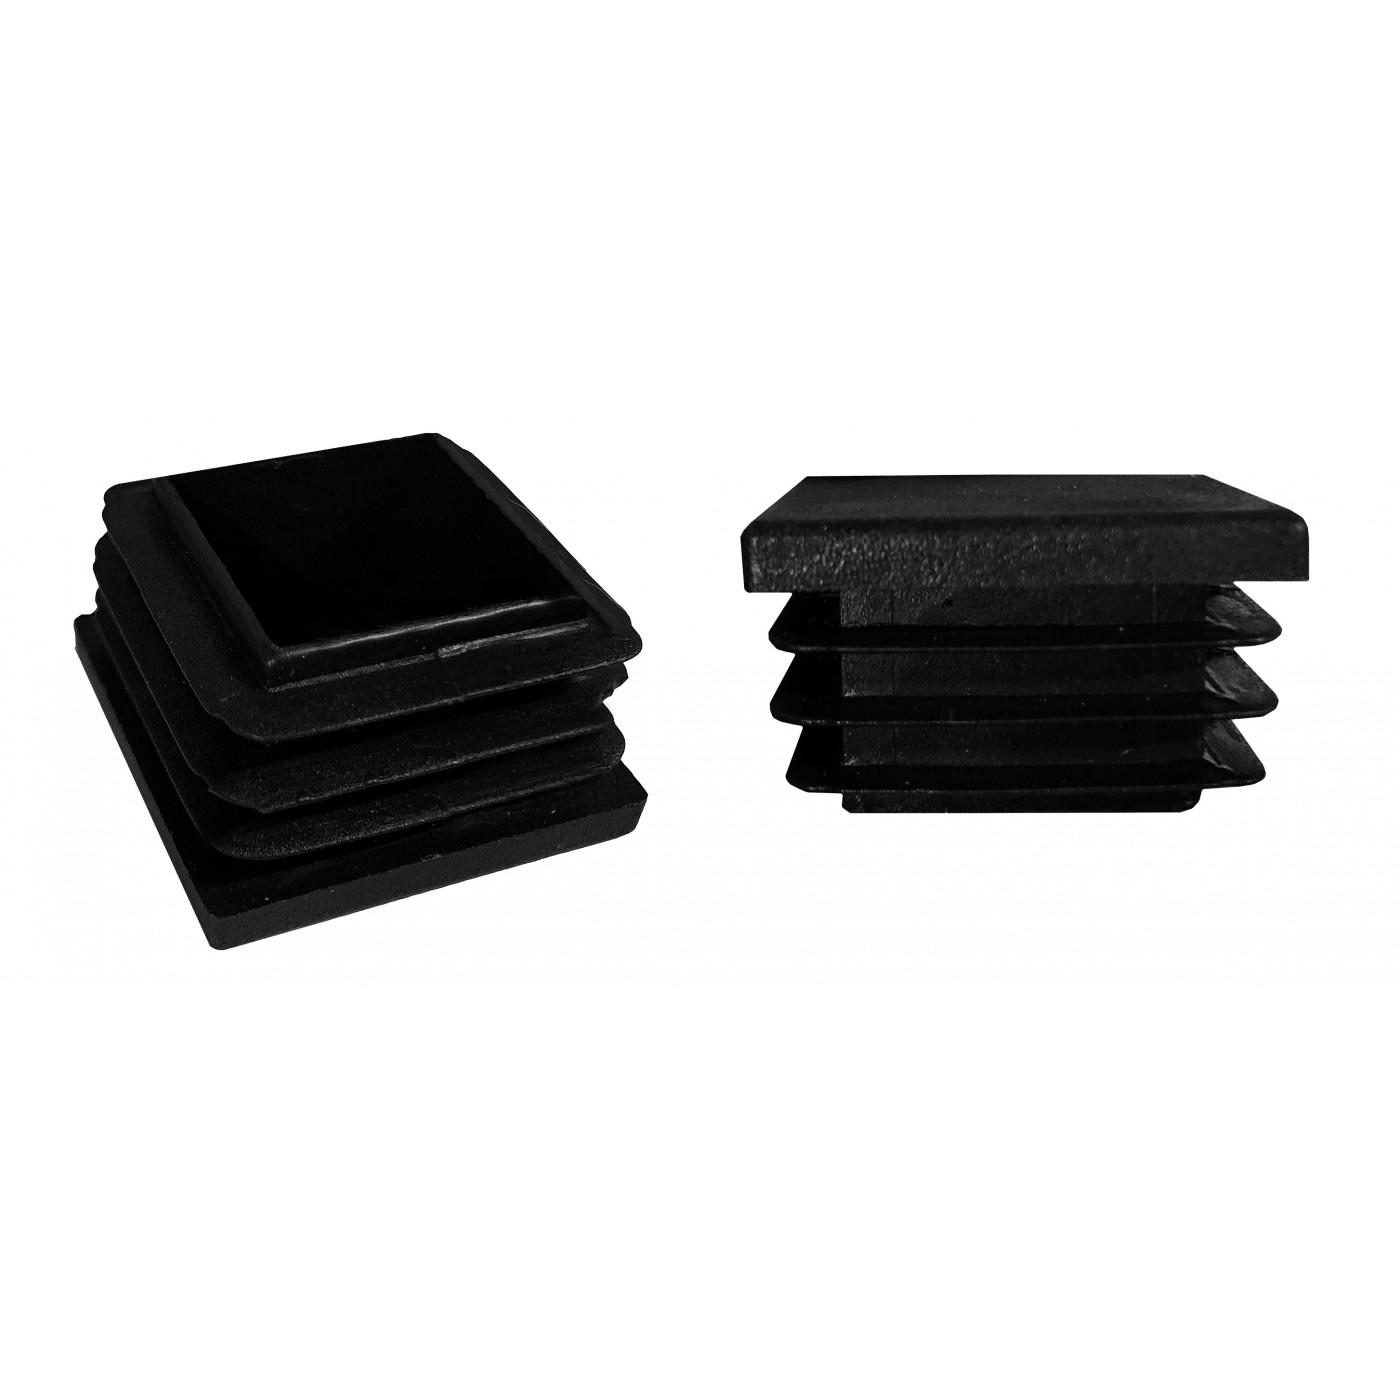 Zestaw 50 czapek na nogi krzesła (F17 / E19 / D20, czarny)